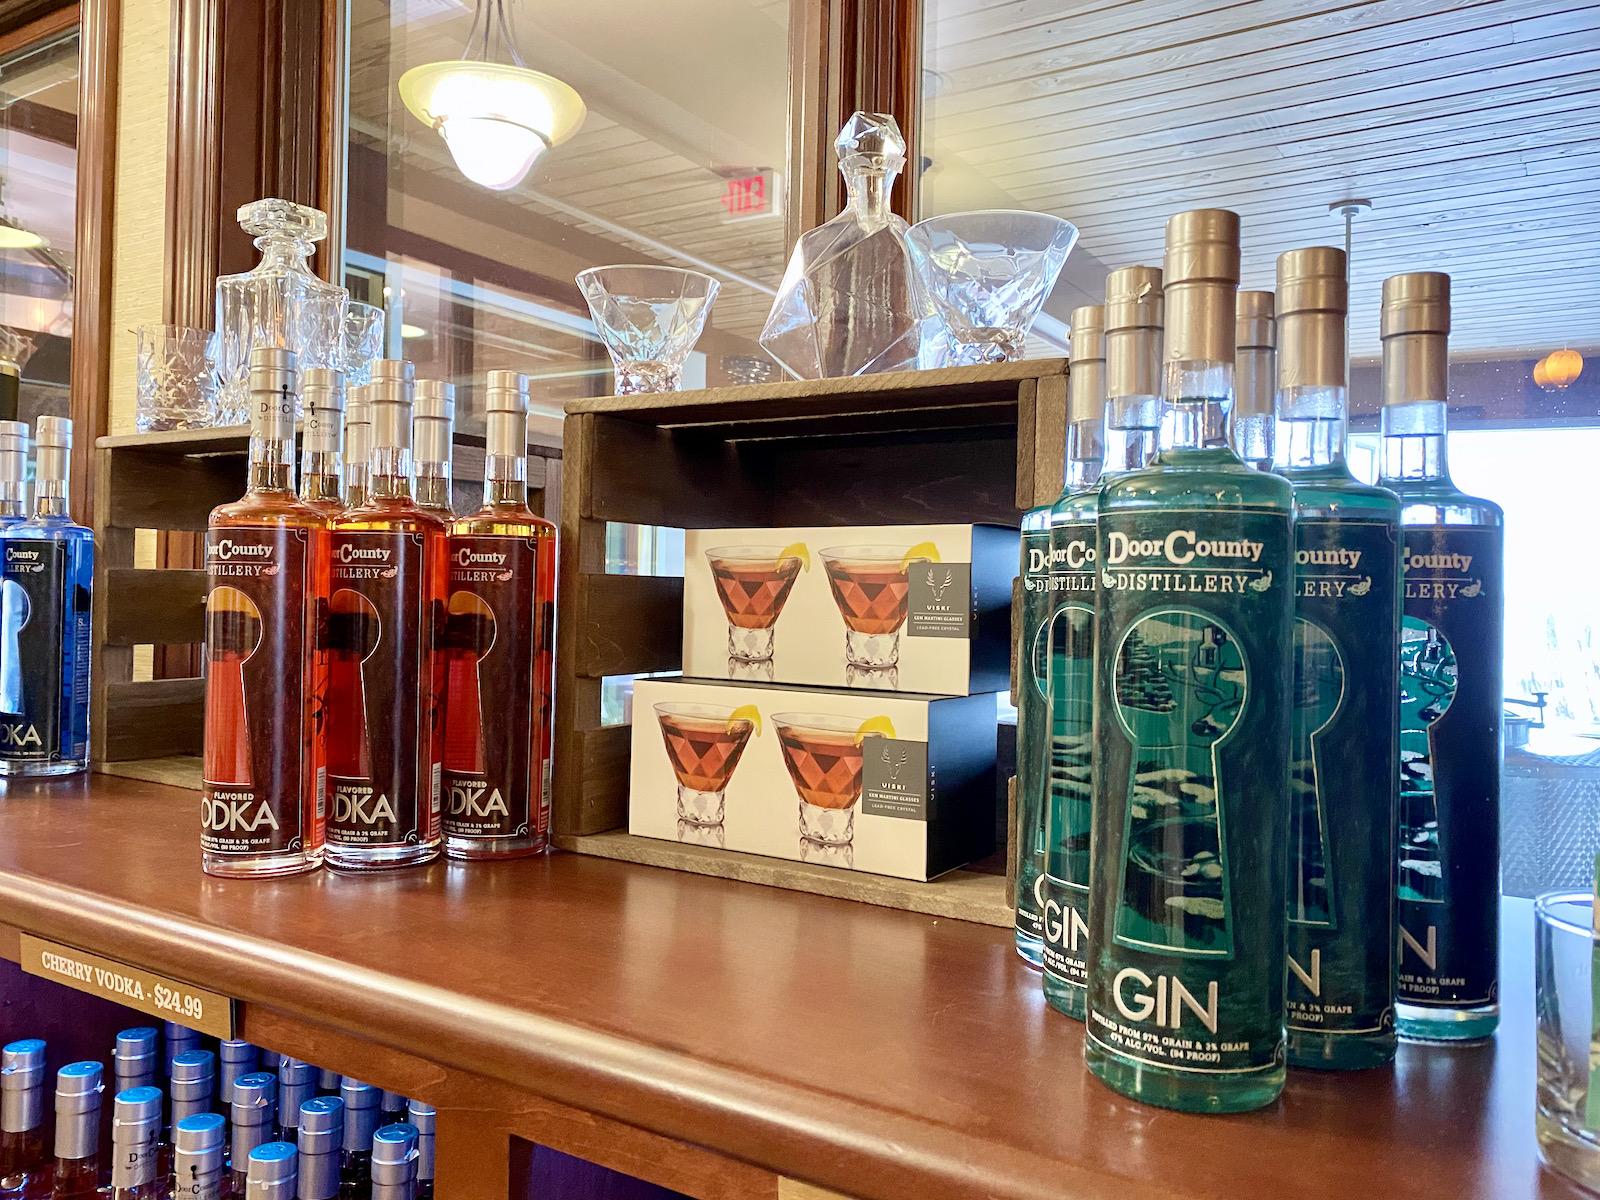 Door County Distilling gin